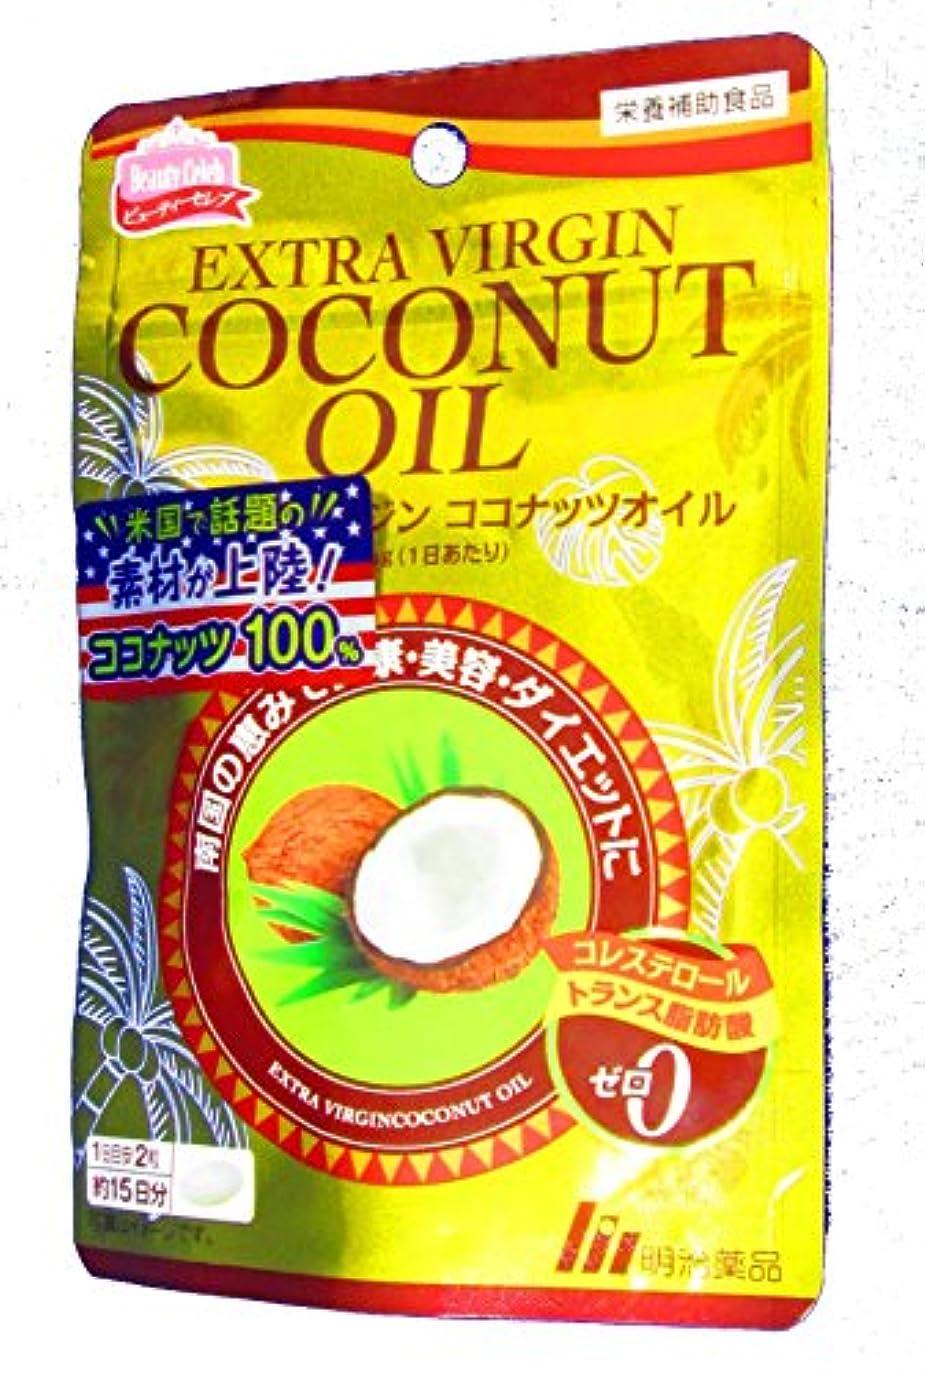 眠いです瞬時に取り囲む明治薬品 エクストラヴァージンココナッツオイル 30粒